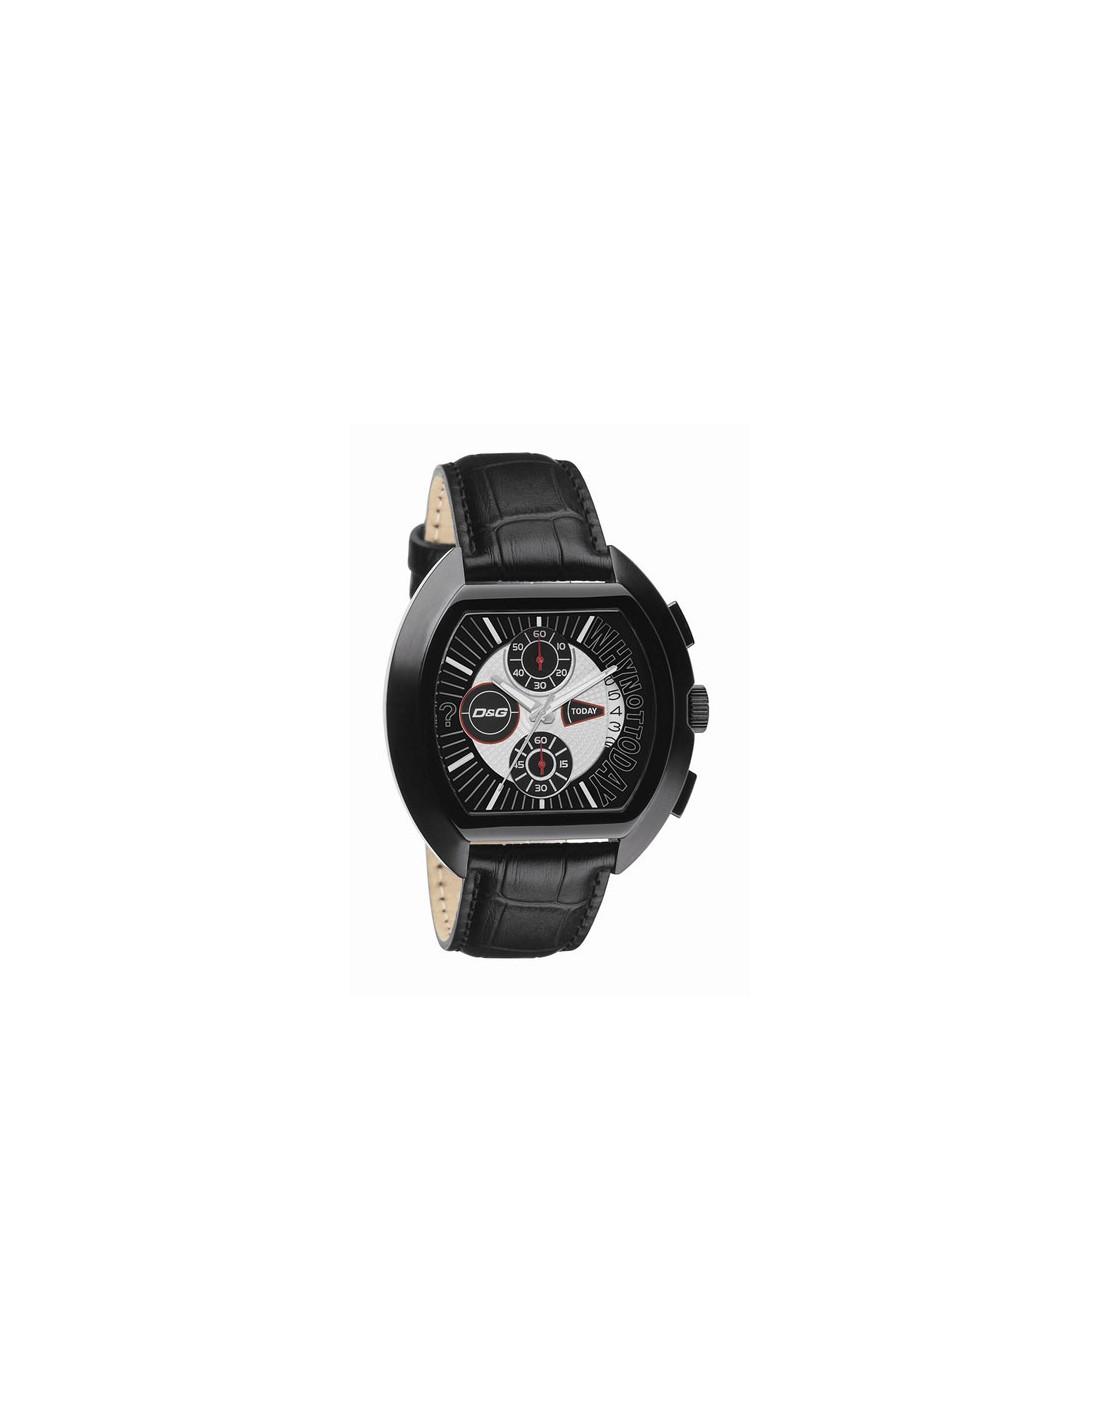 c9aff5c133 DW0214   Dolce Gabbana Watch DW0214 - Dolce Gabbana Watches